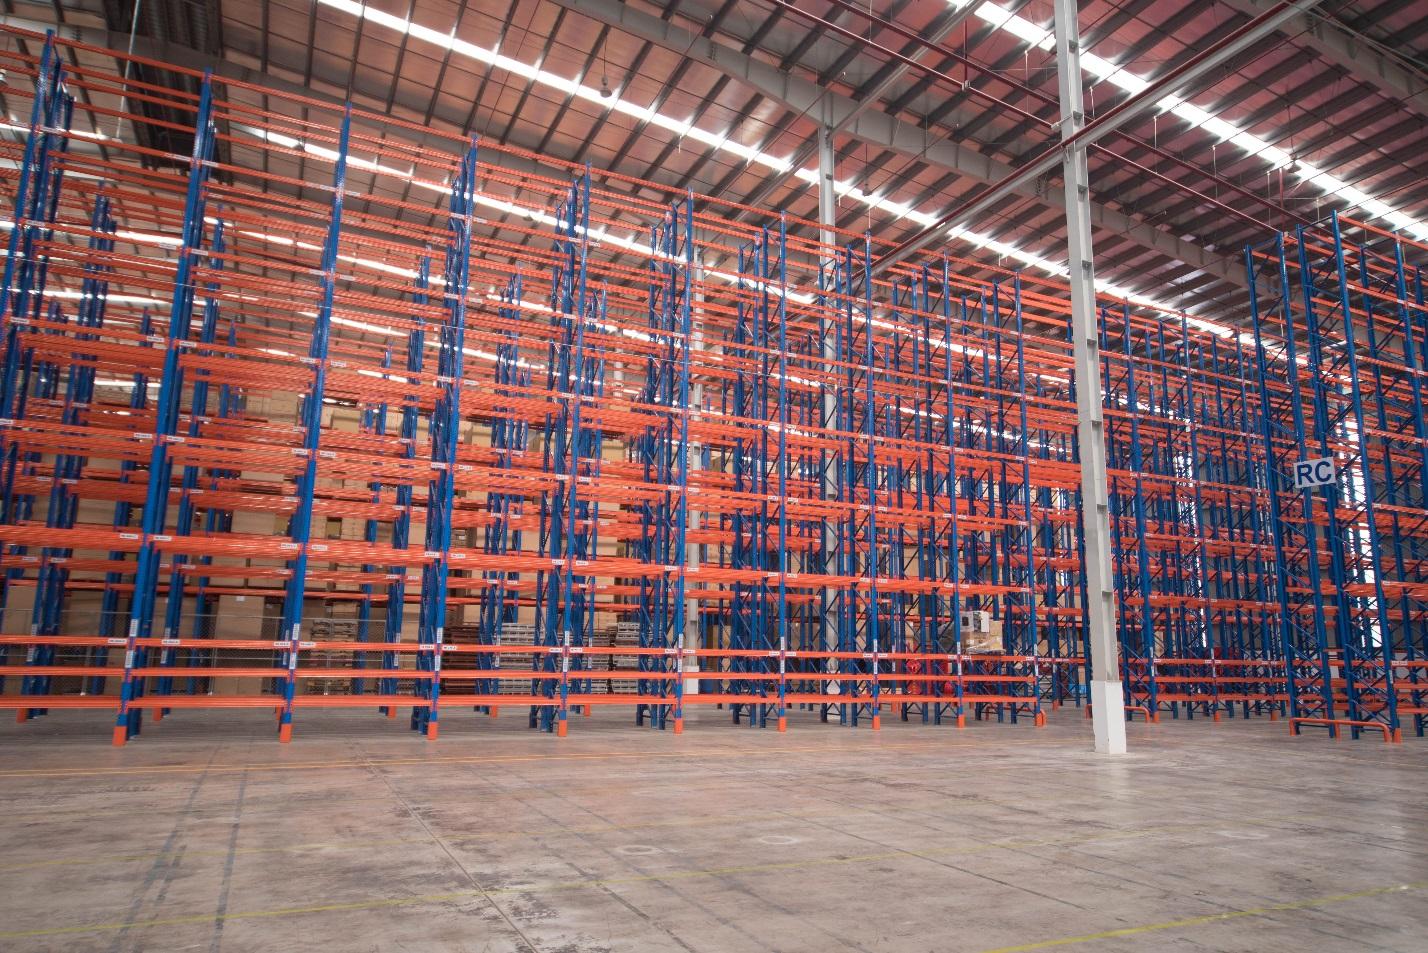 Ký hợp đồng với Con Cưng, Rhenus đánh dấu bước tiến sâu vào thị trường Logistic Việt Nam